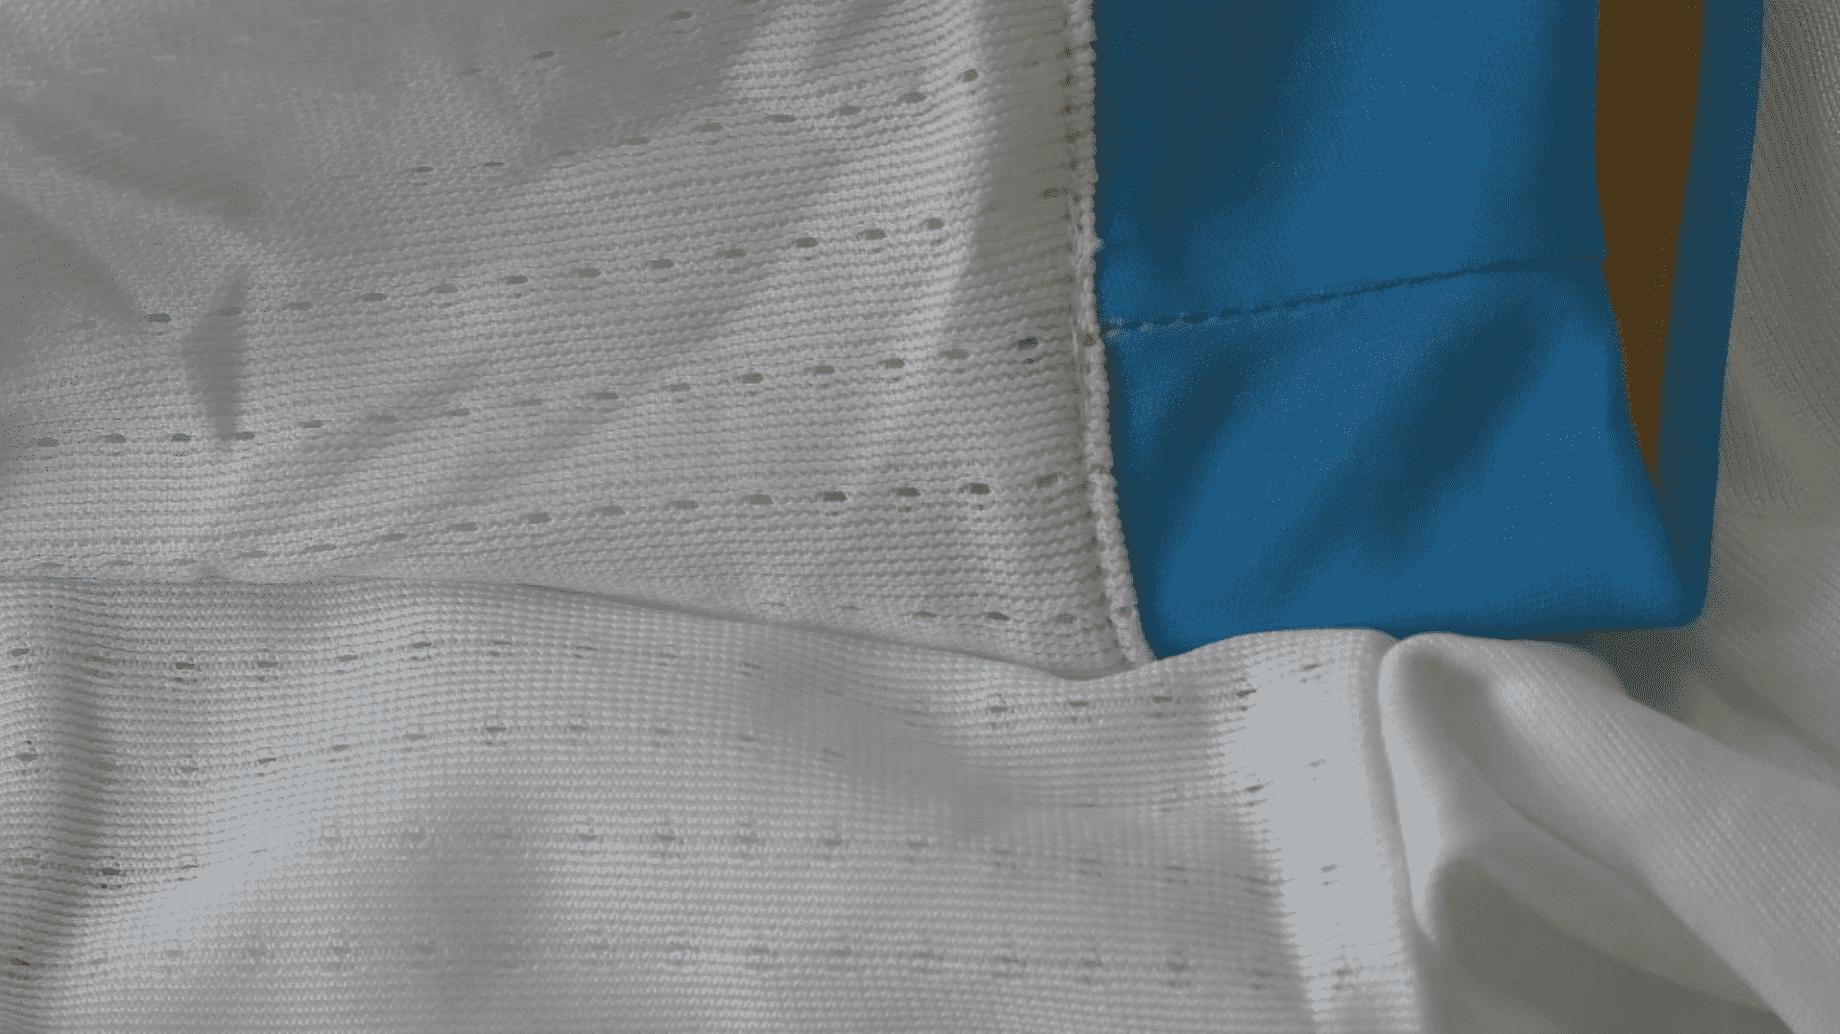 Comment différencier les maillots de foot fakes et les vrais